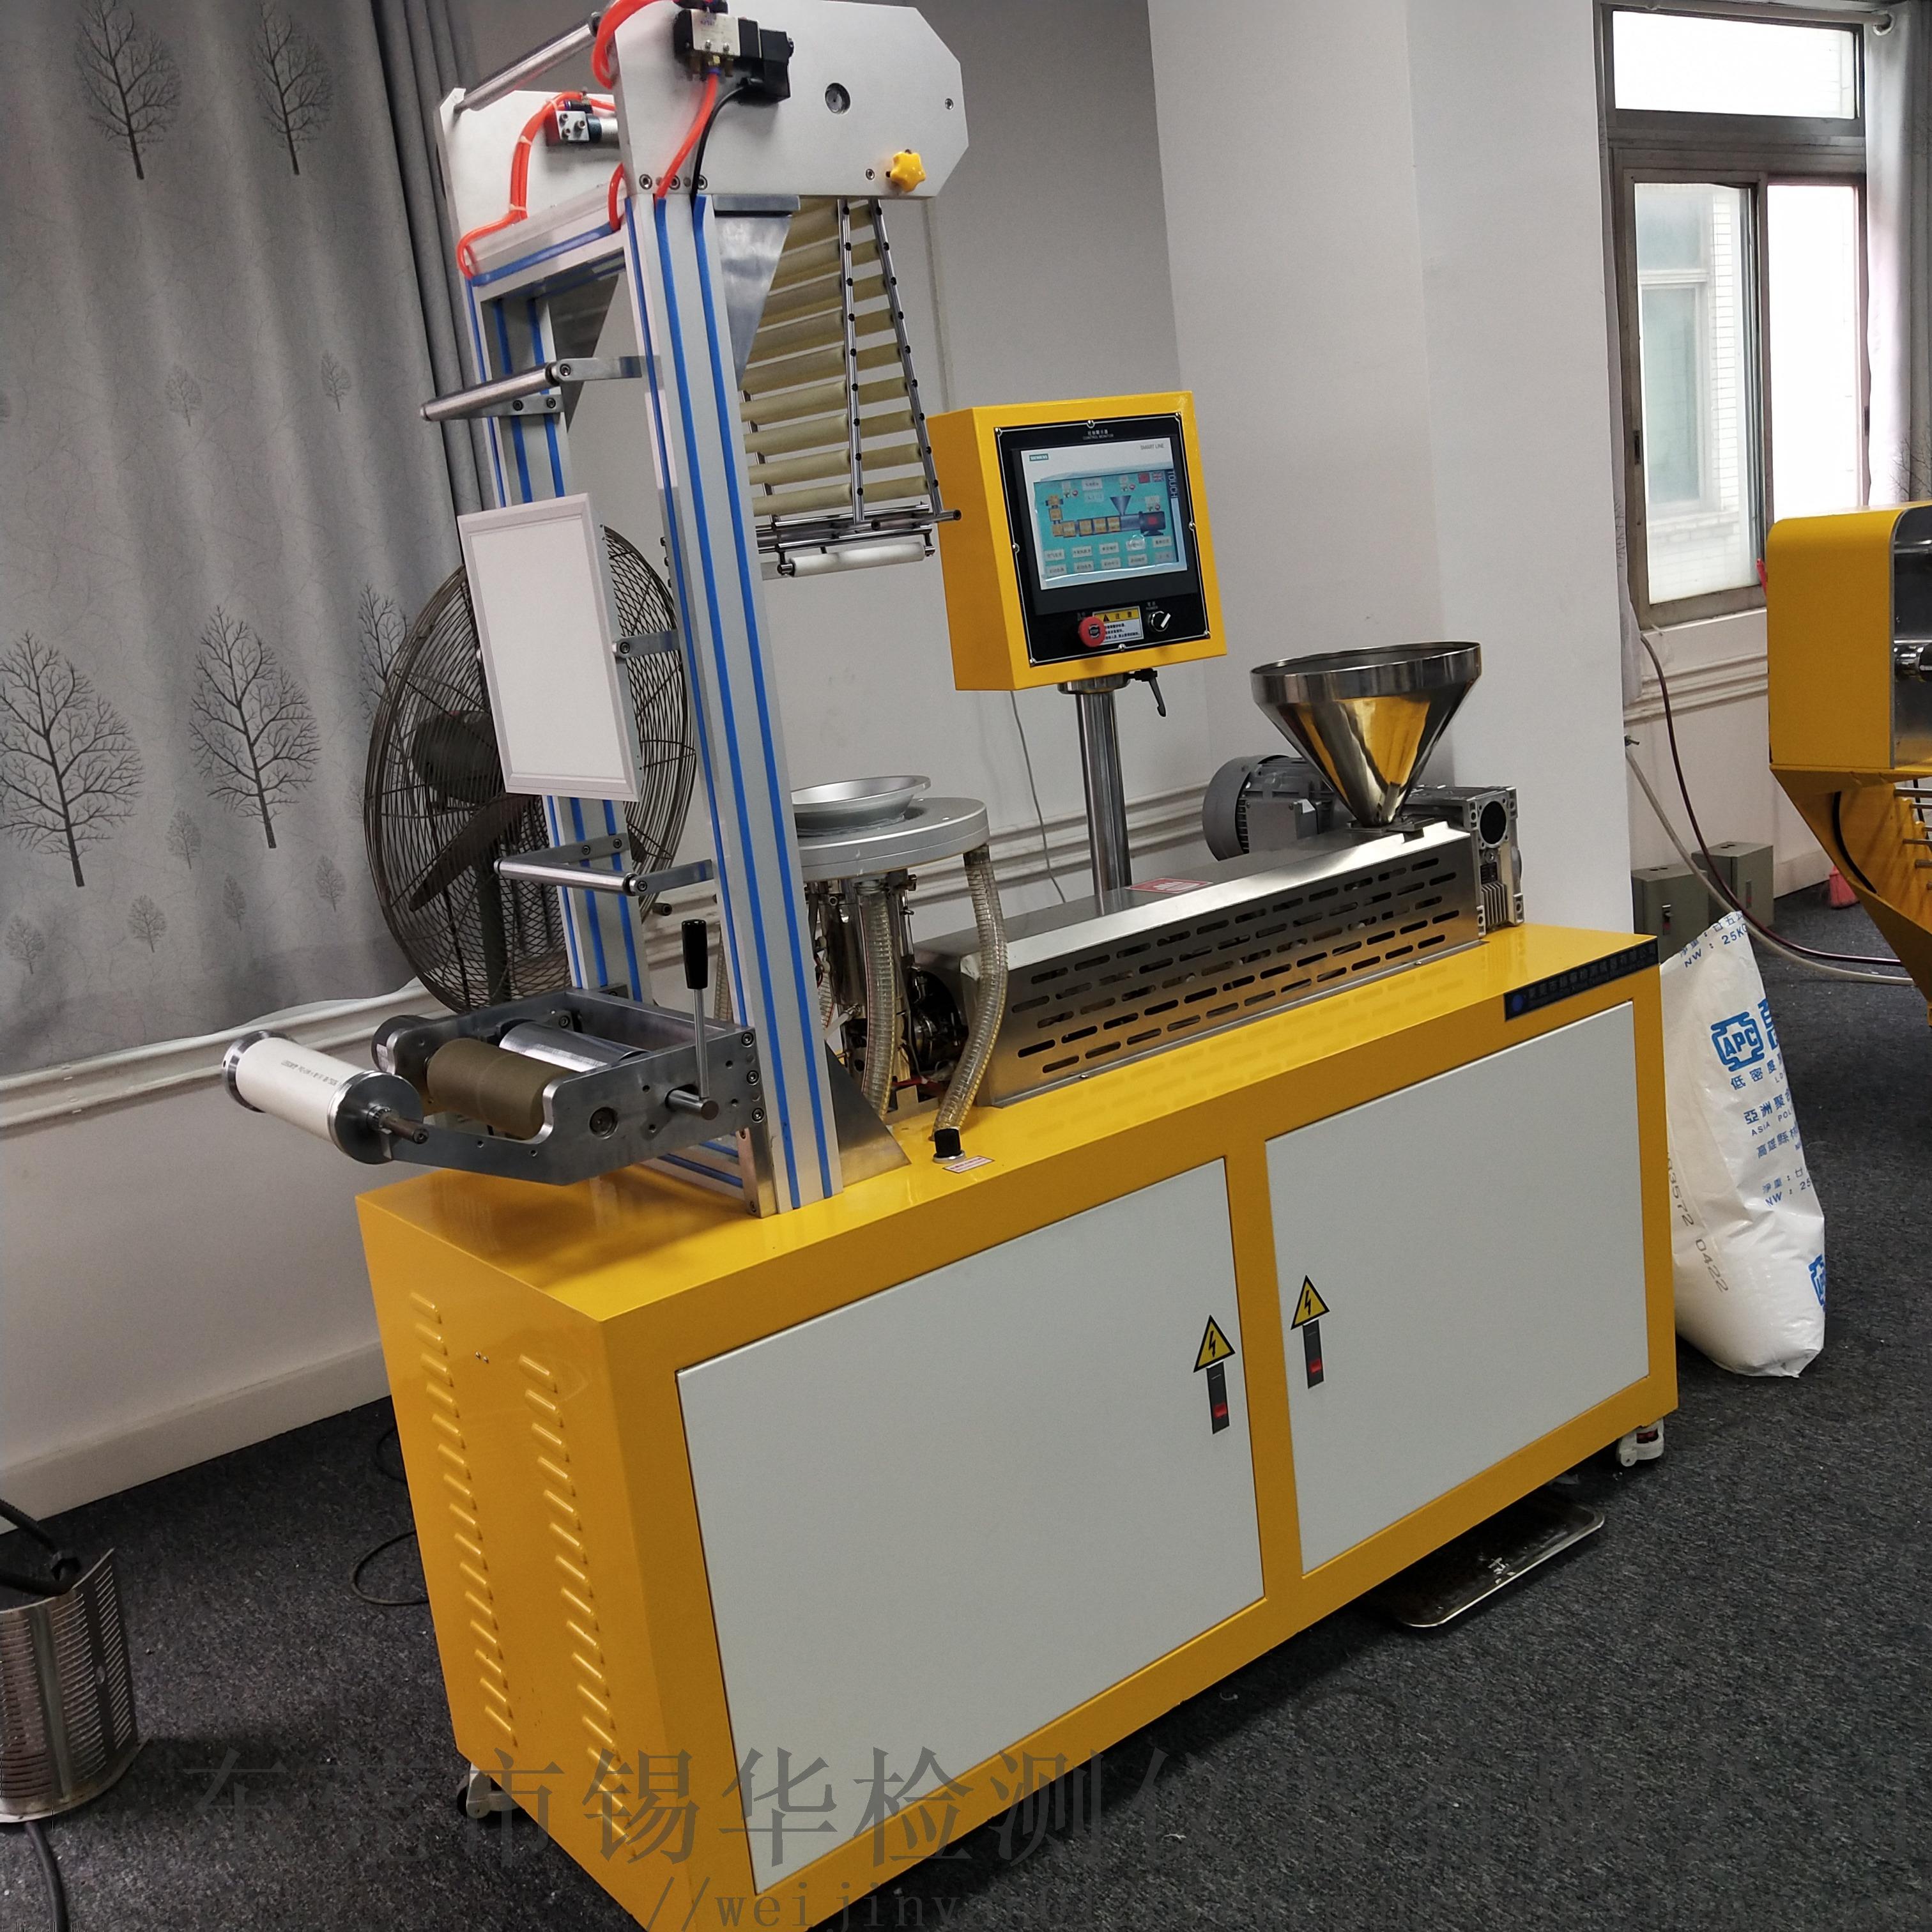 吹膜机,小型吹膜机,实验吹膜机811319605